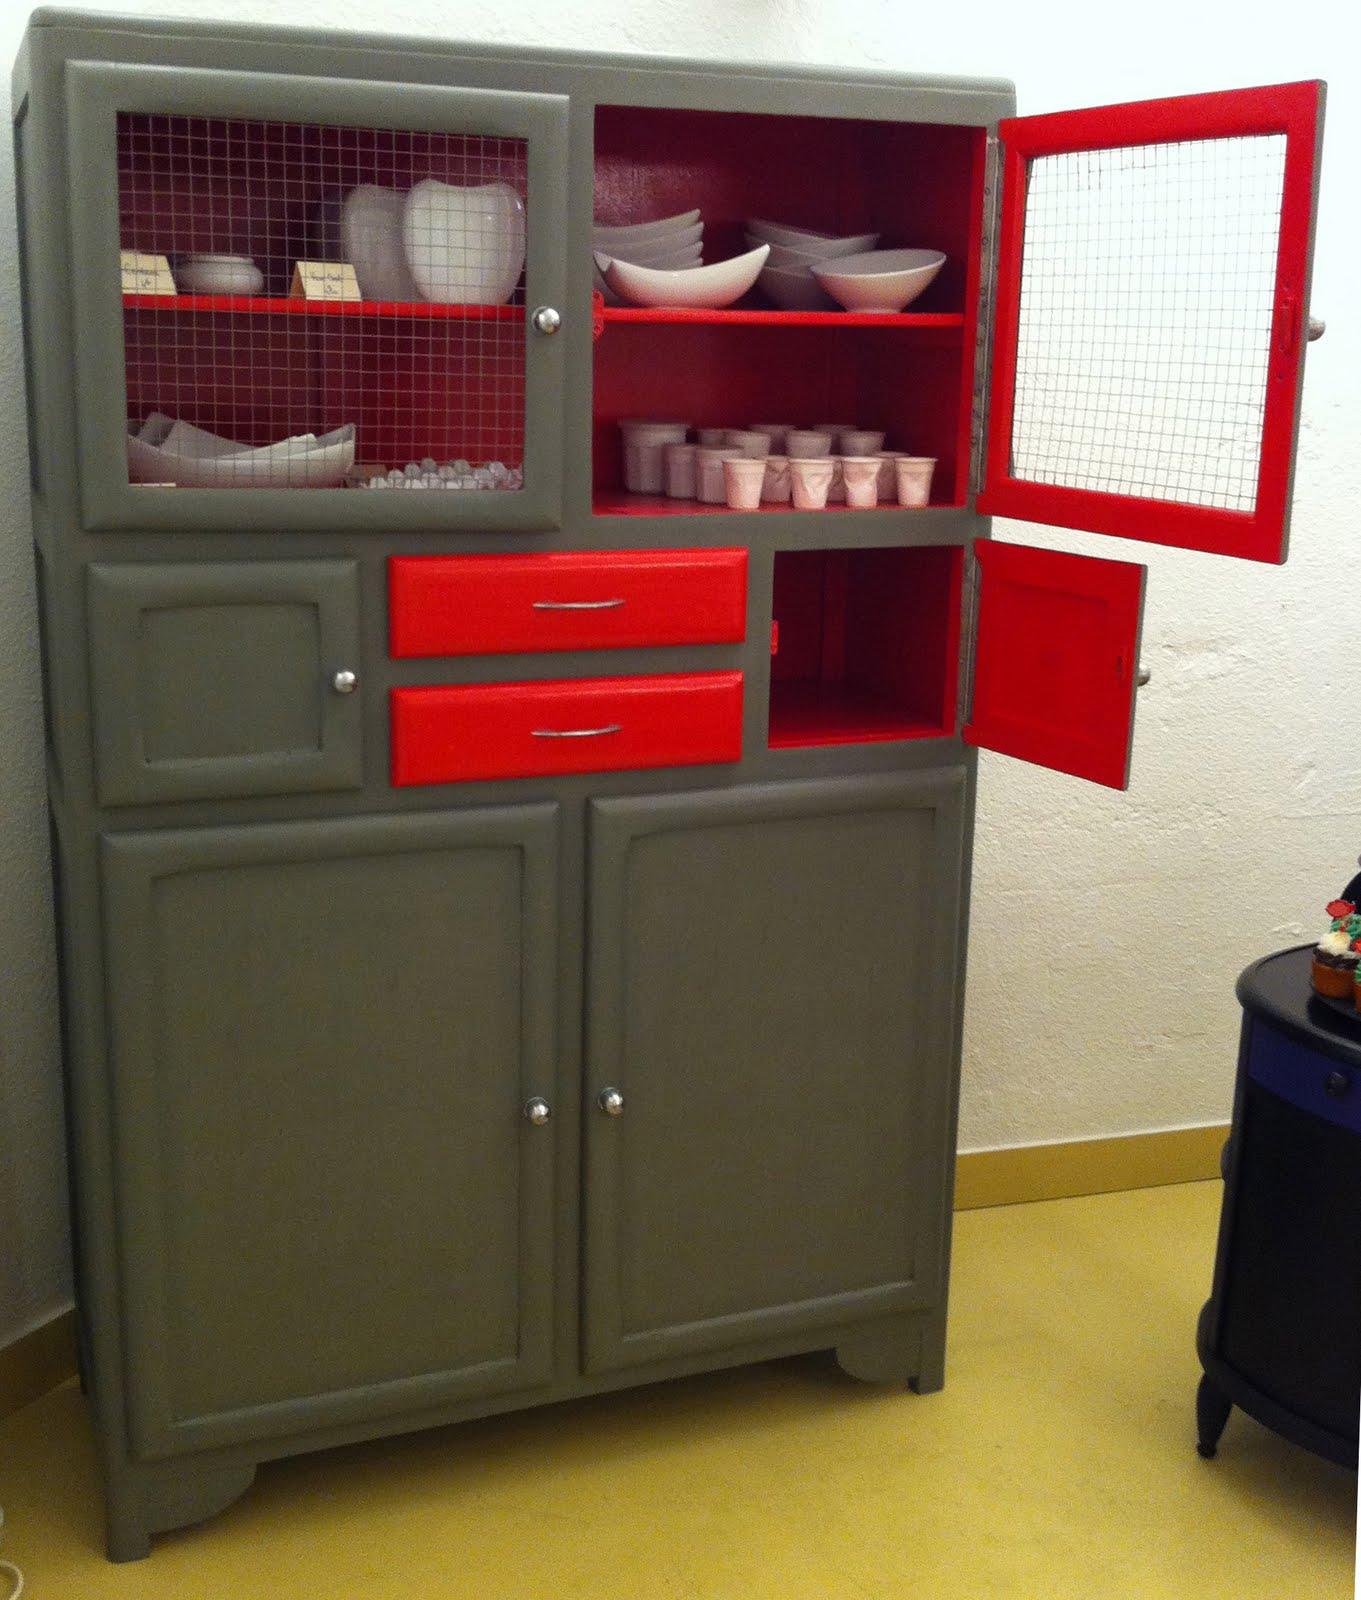 Le boudoir de mag meuble de cuisine ann es 50 for Meuble cuisine annee 50